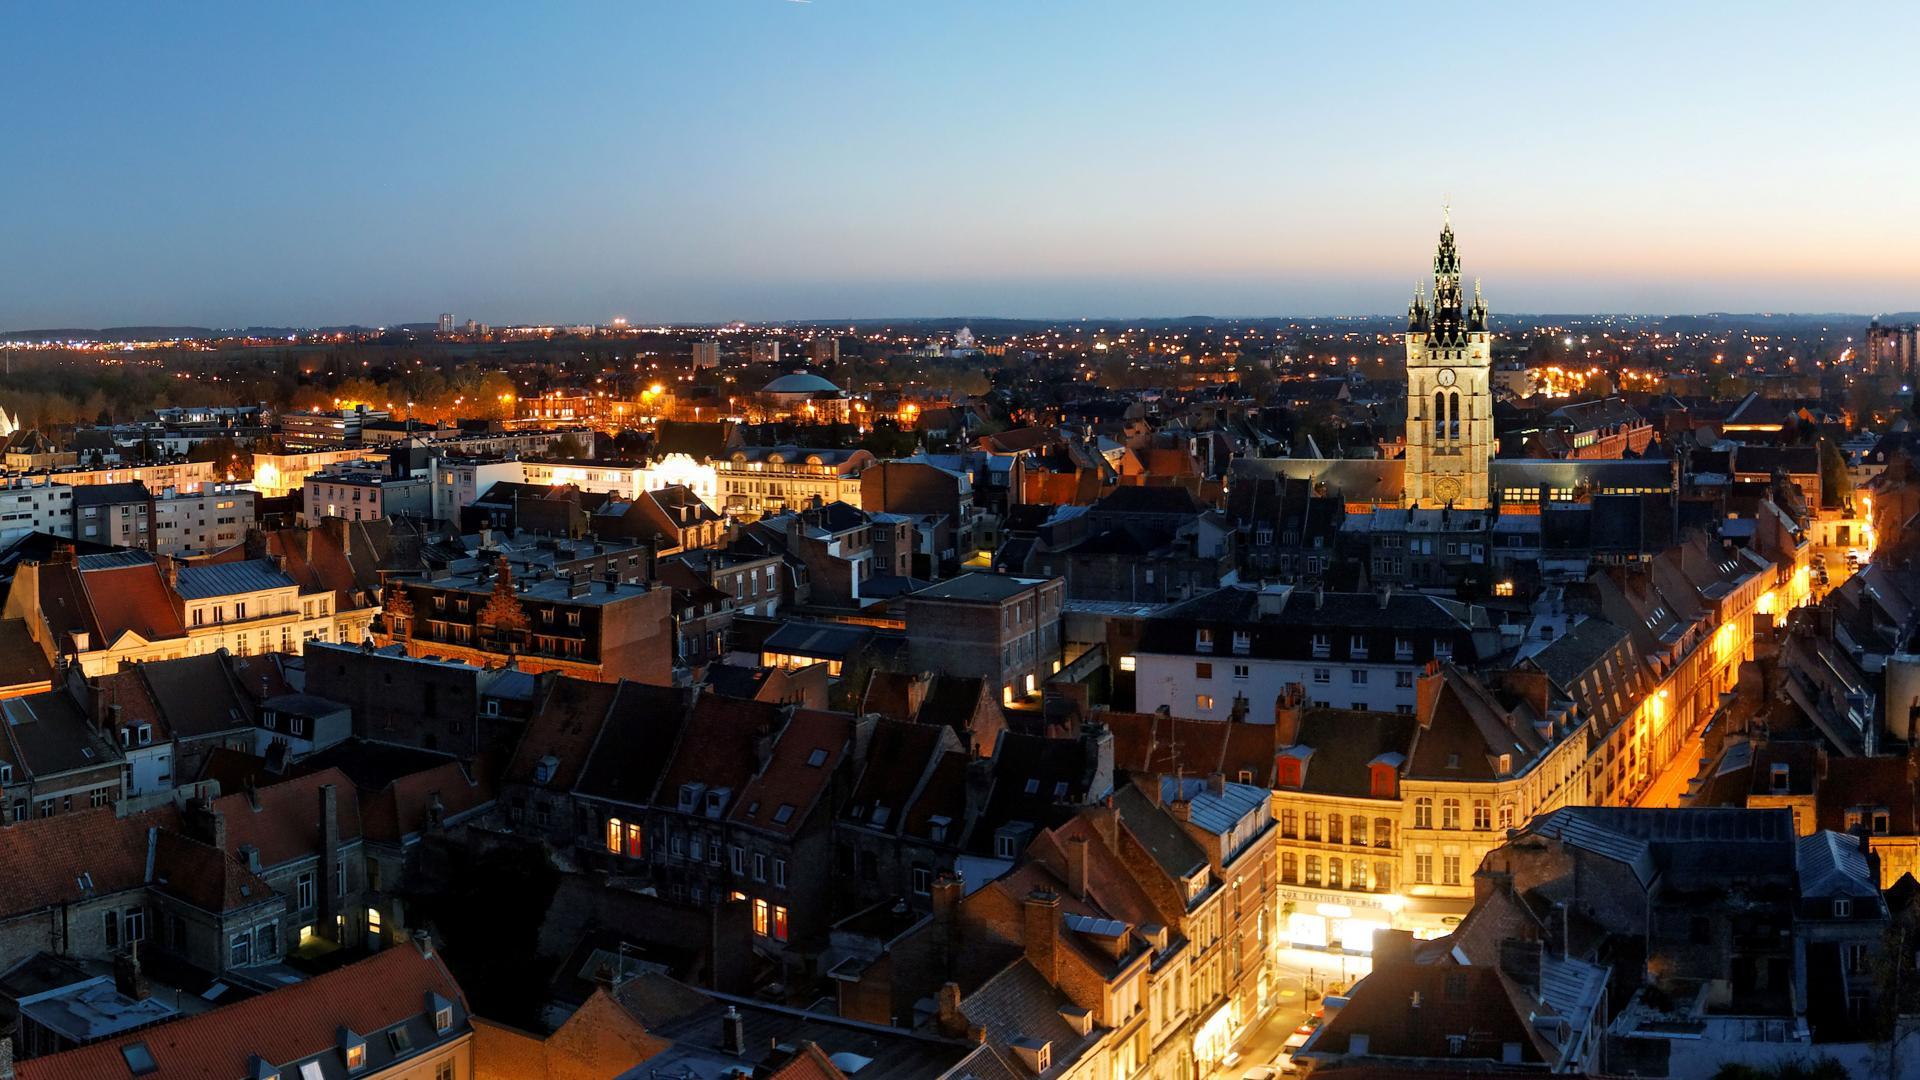 Panoramique Depuis St Pierre - Douai-Nord-France-(c) AD Langlet